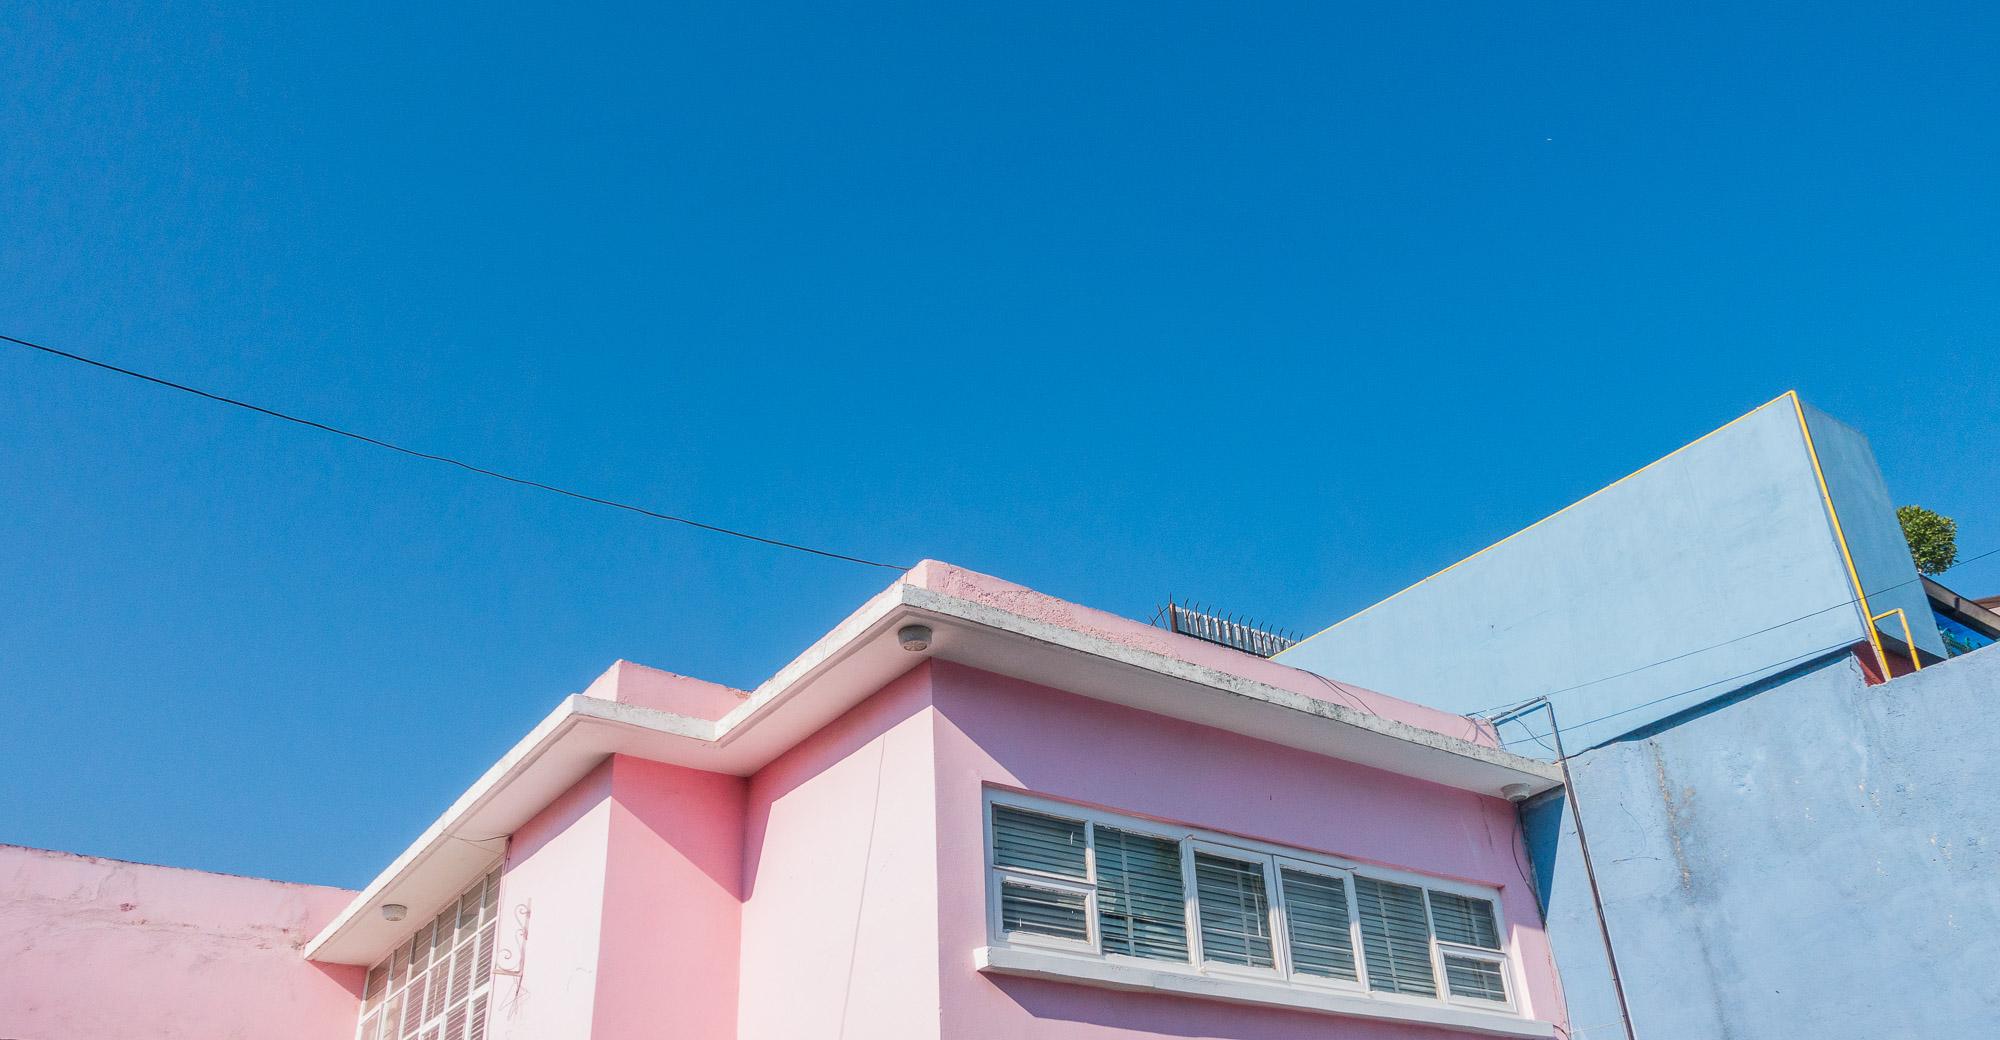 Architecture embraces color, oaxaca_DSC5075-Edit.jpg